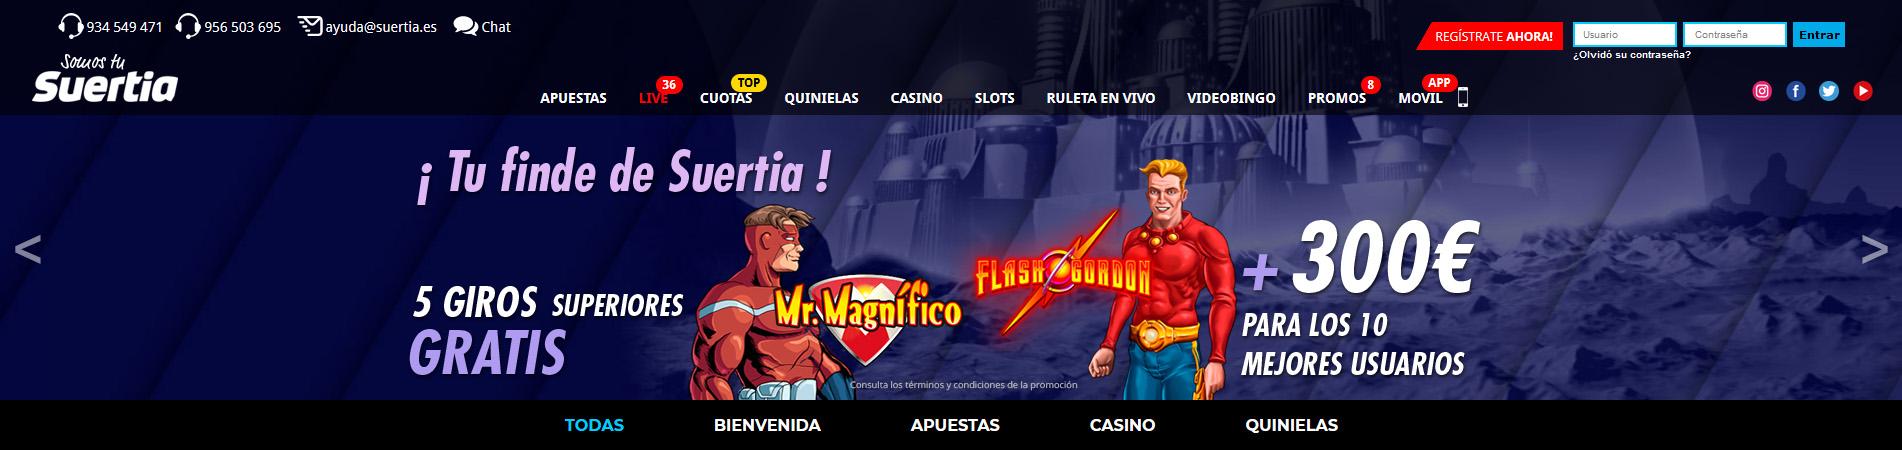 Promociones Suertia Casino